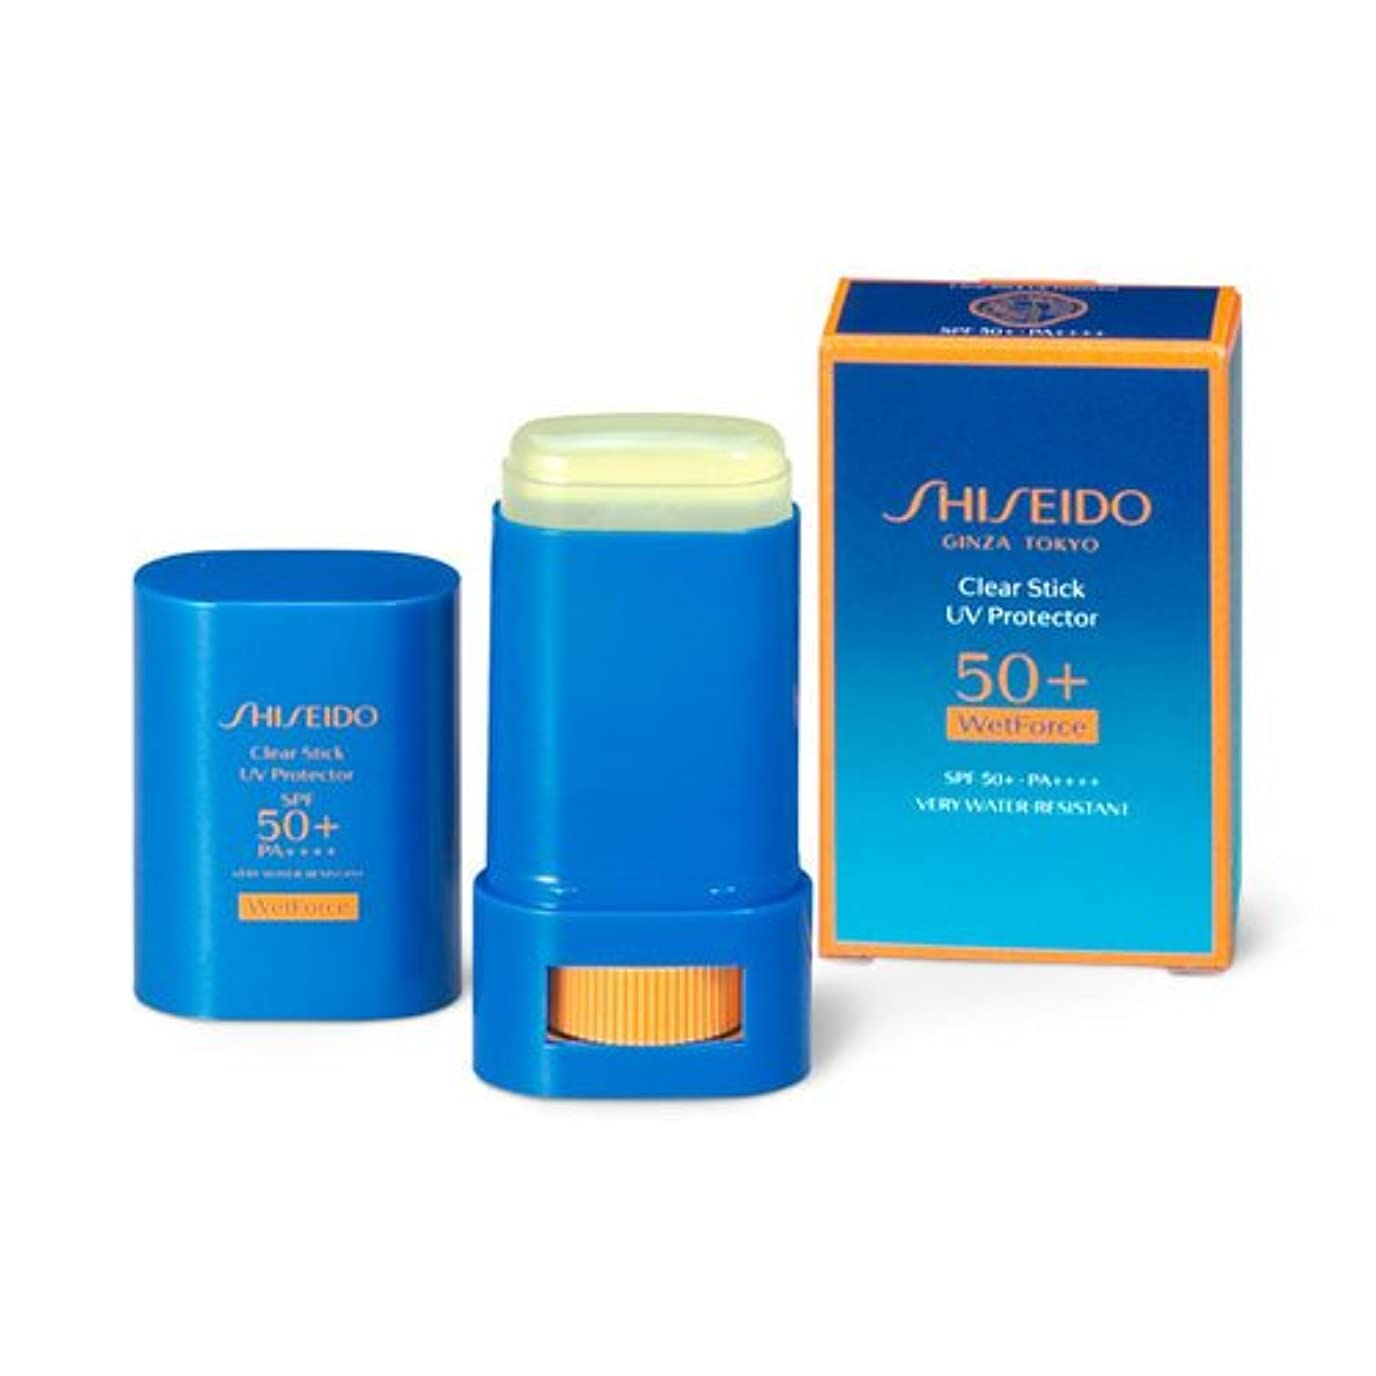 粗い垂直引き金SHISEIDO Suncare(資生堂 サンケア) SHISEIDO(資生堂) クリアスティック UVプロテクター 15g